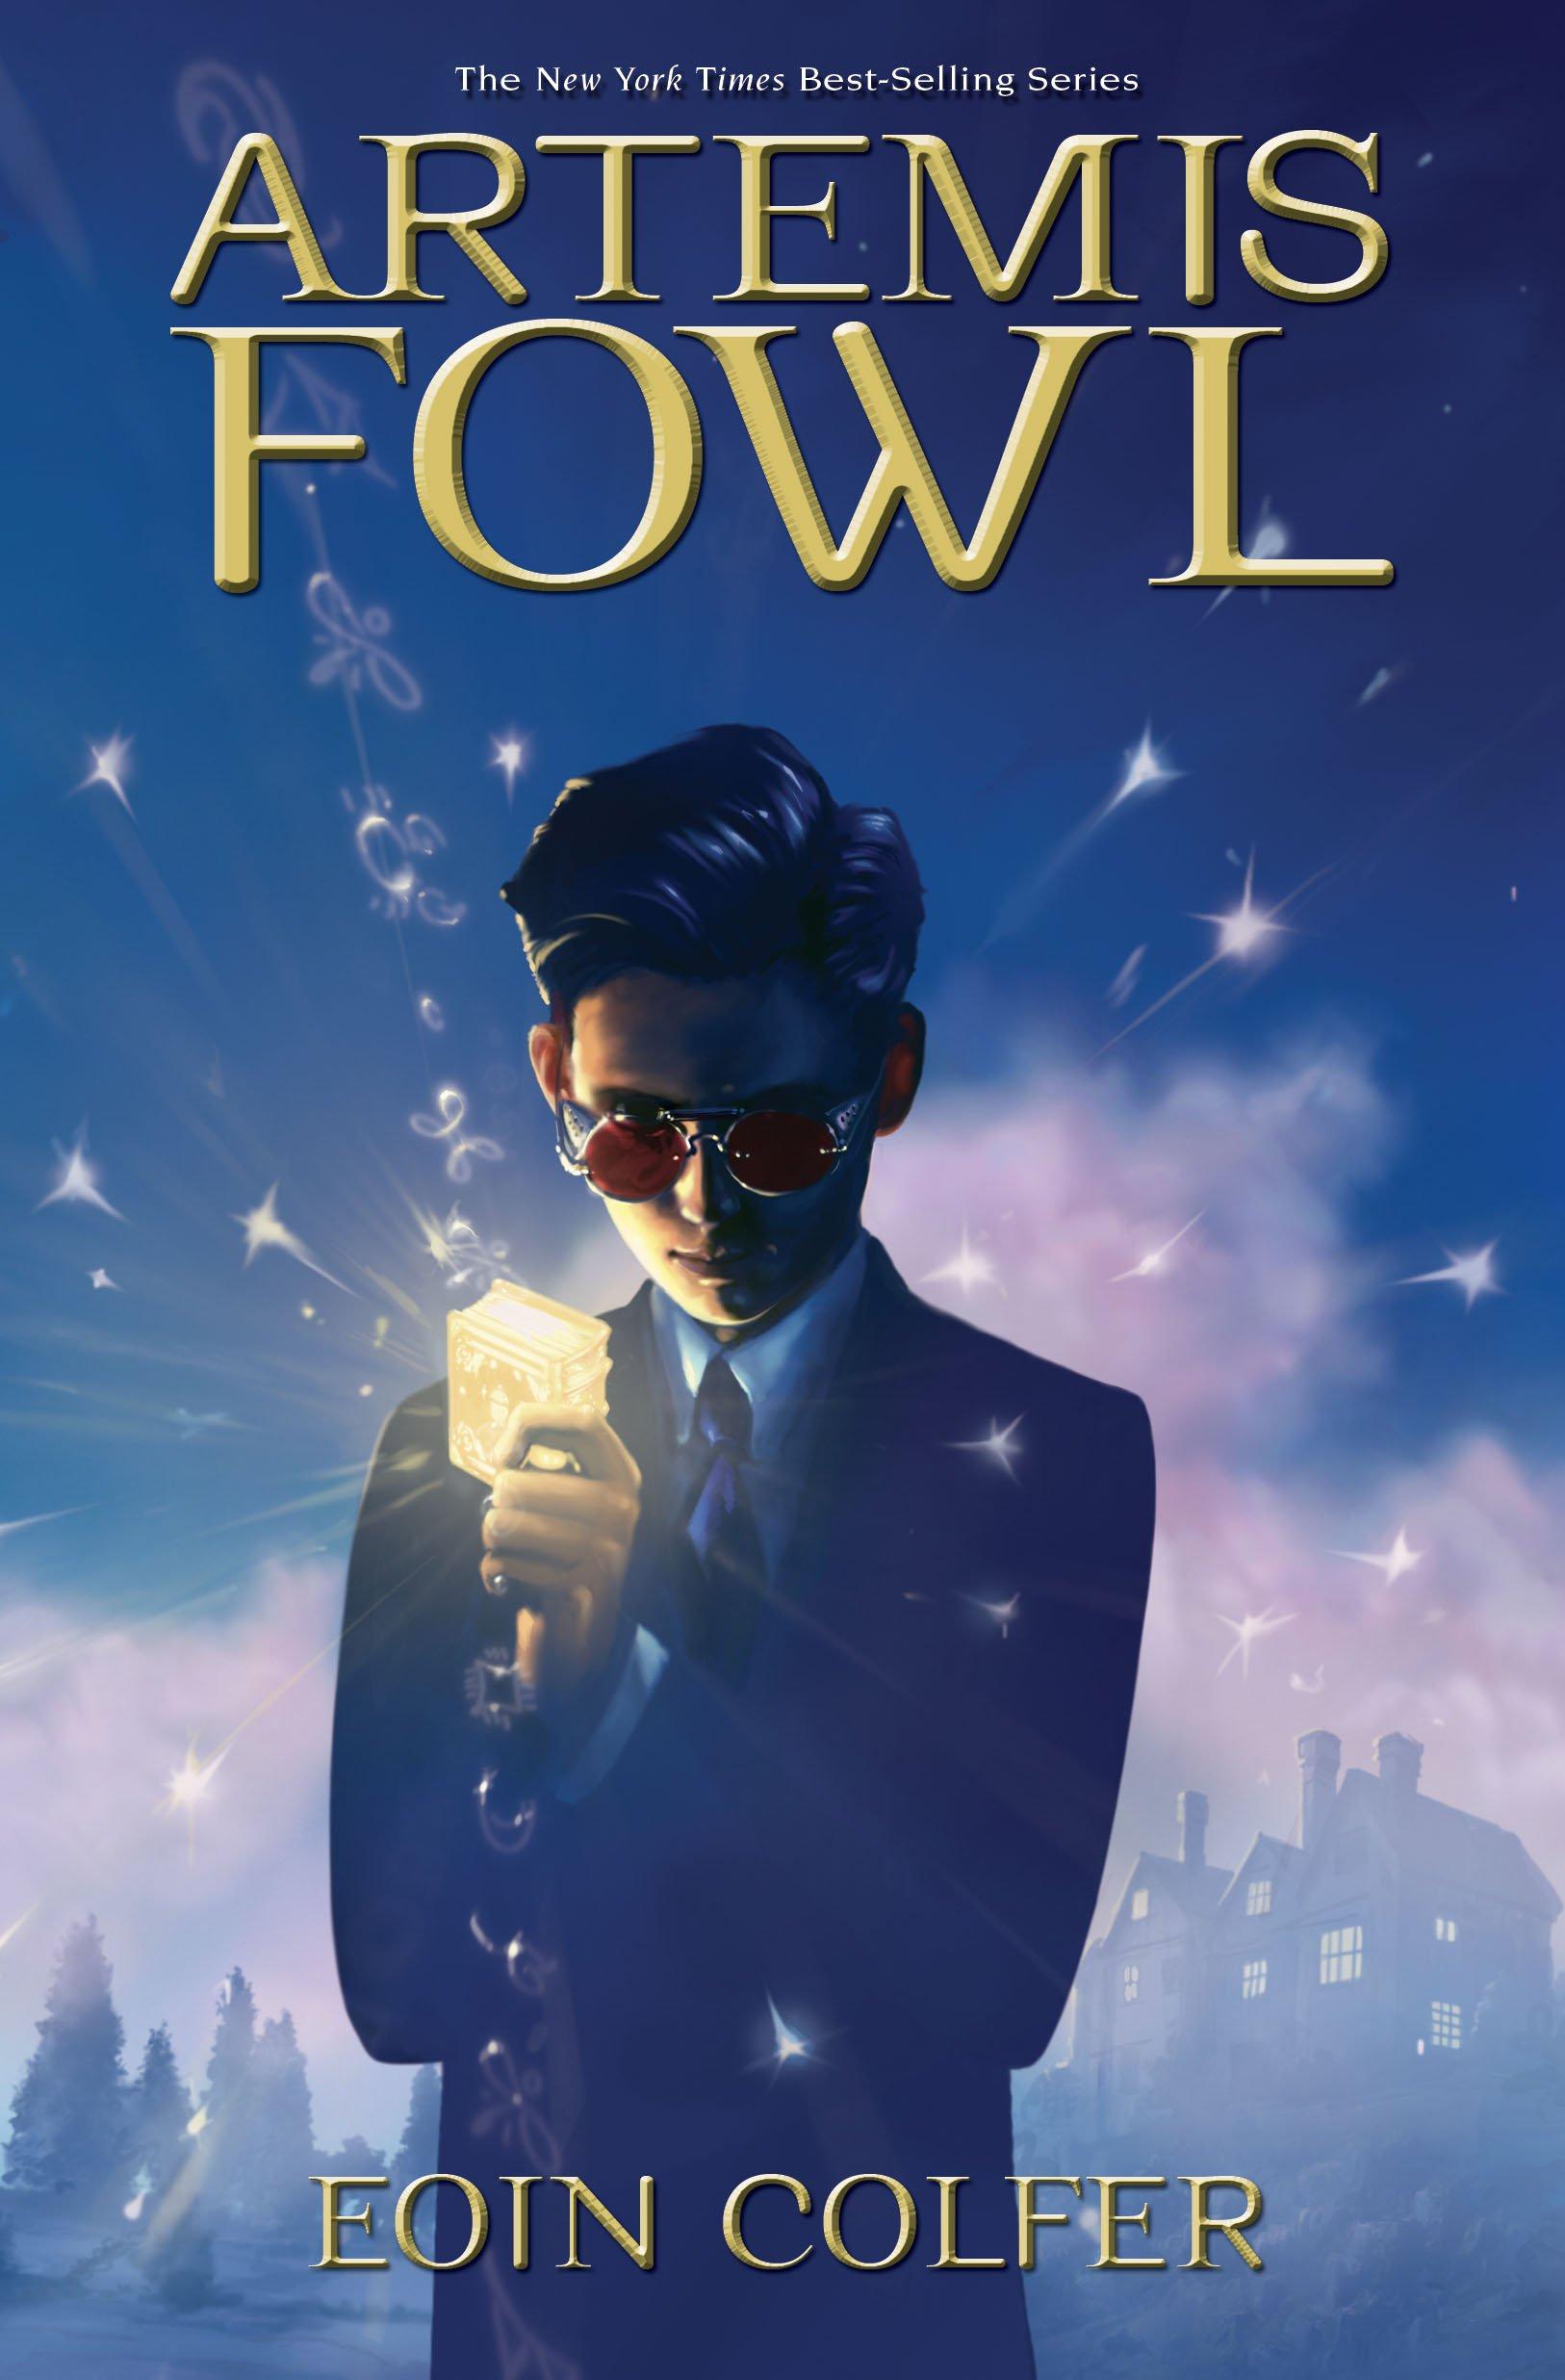 """Disney Announces Casting for """"Artemis Fowl"""" Movie"""